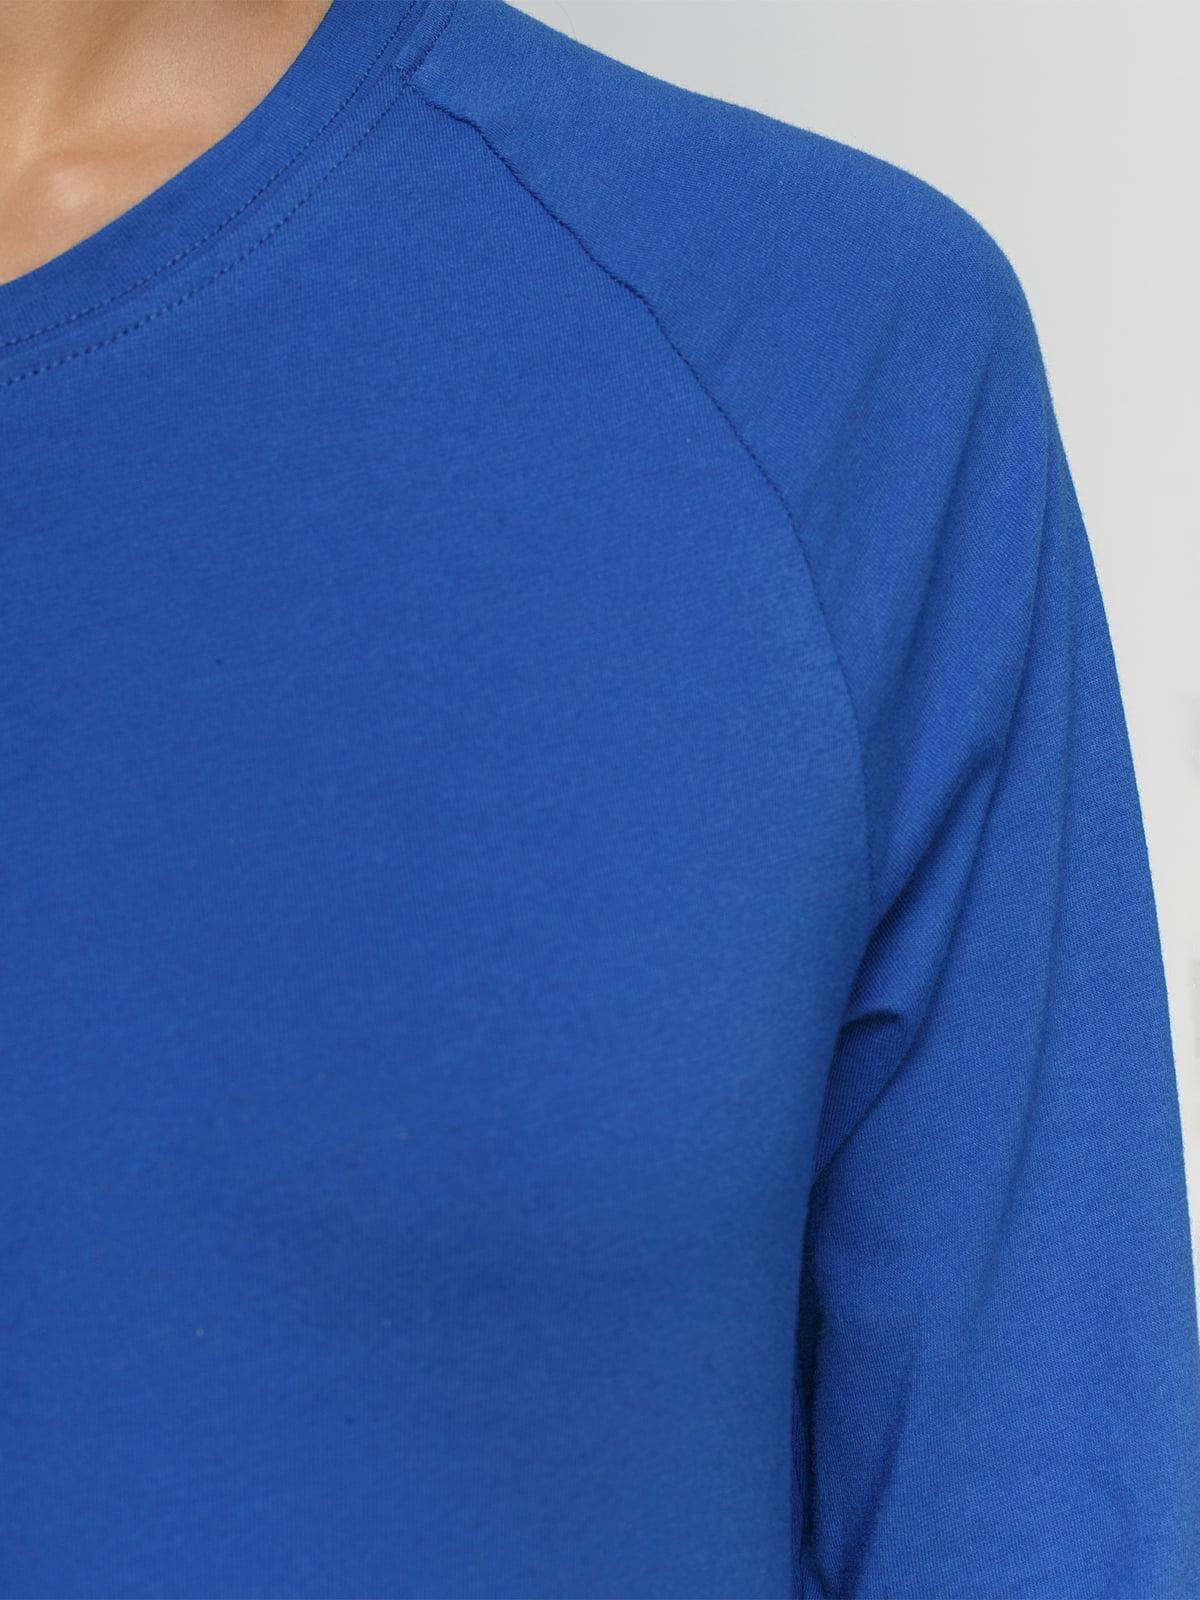 Лонгслив синий | 4768935 | фото 3